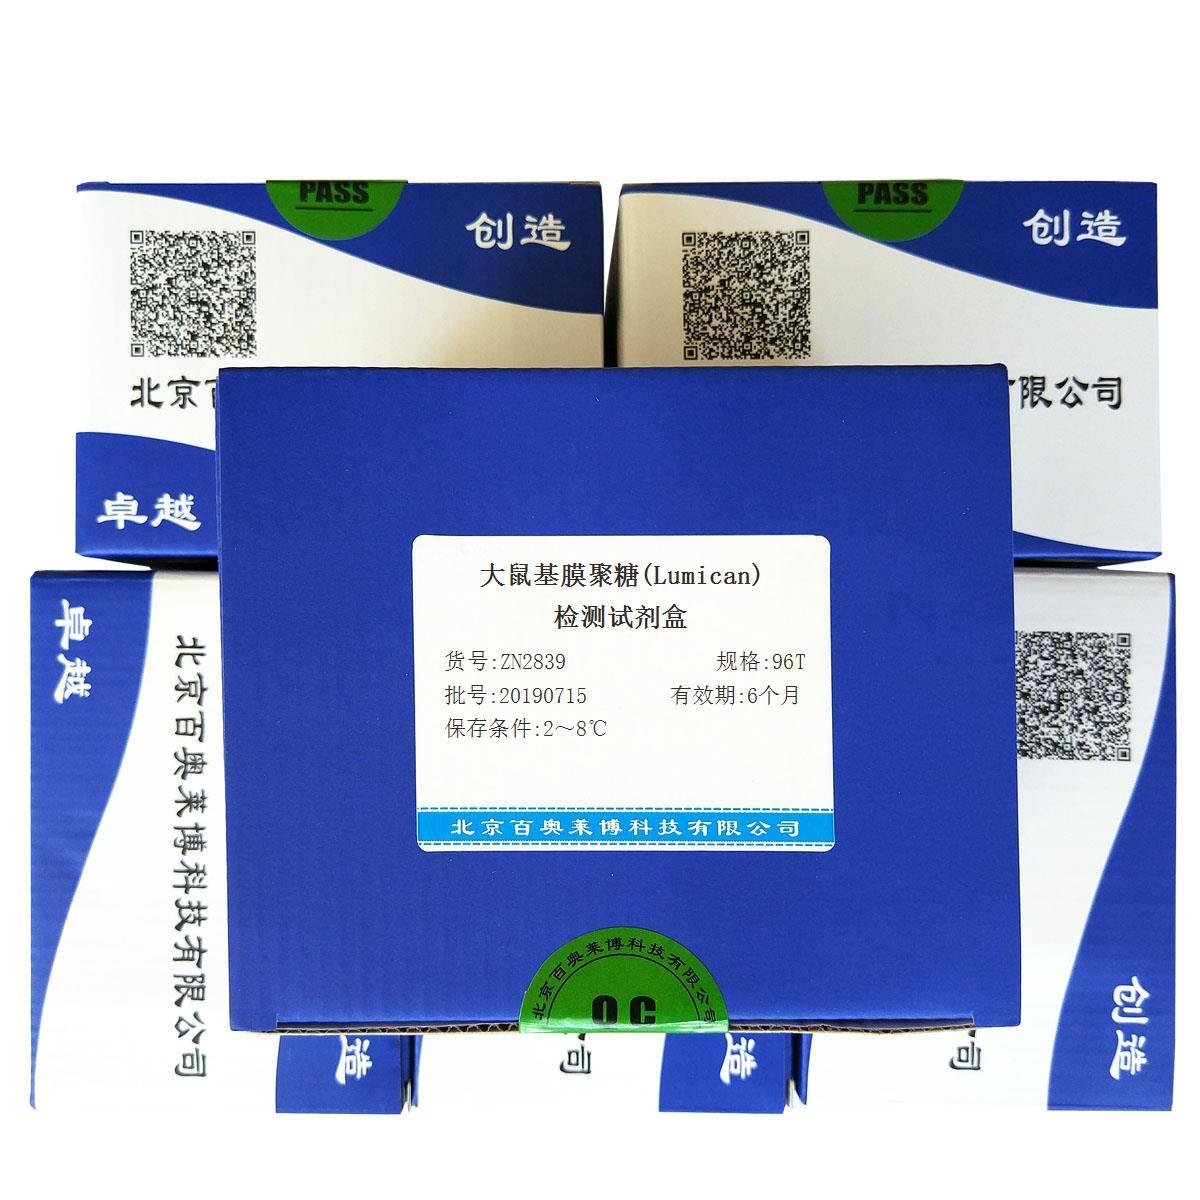 大鼠基膜聚糖(Lumican)检测试剂盒